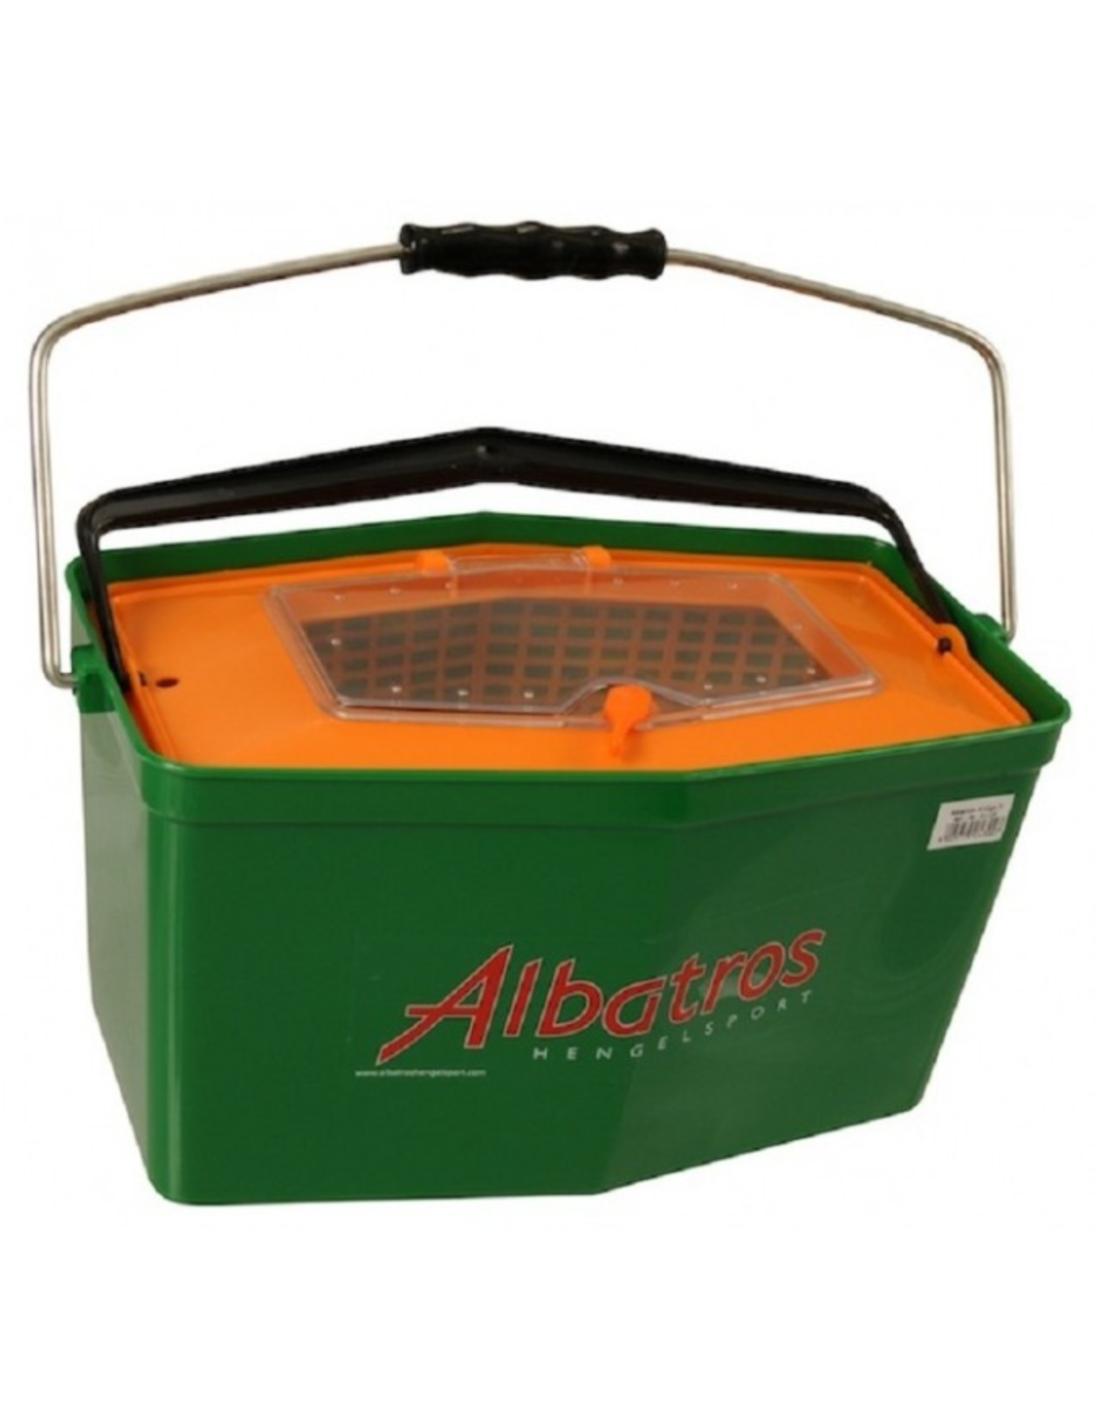 Albatros Aasketel 7 Liter